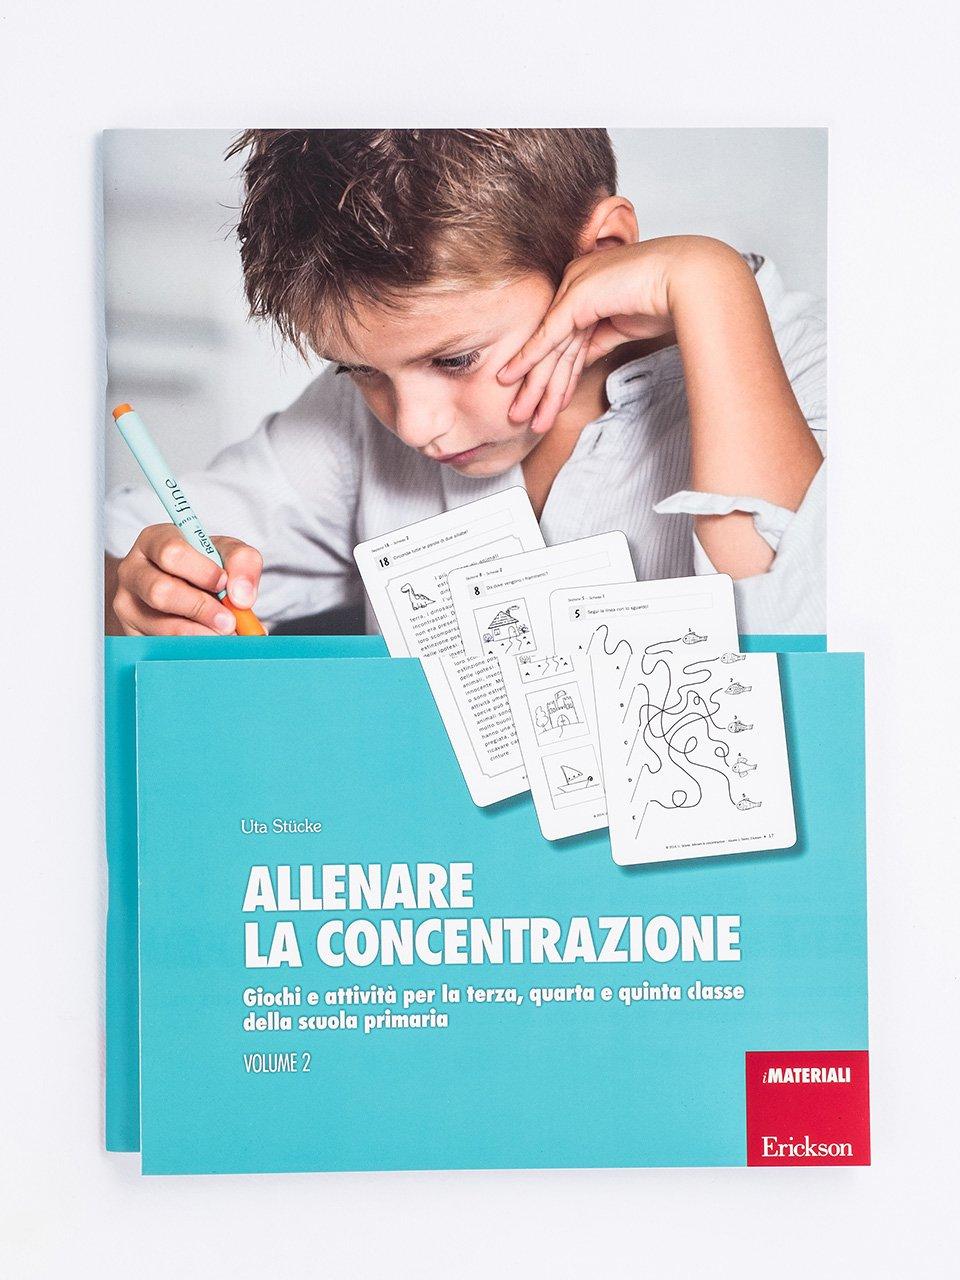 Allenare la concentrazione - Volume 2 - Libri - App e software - Erickson